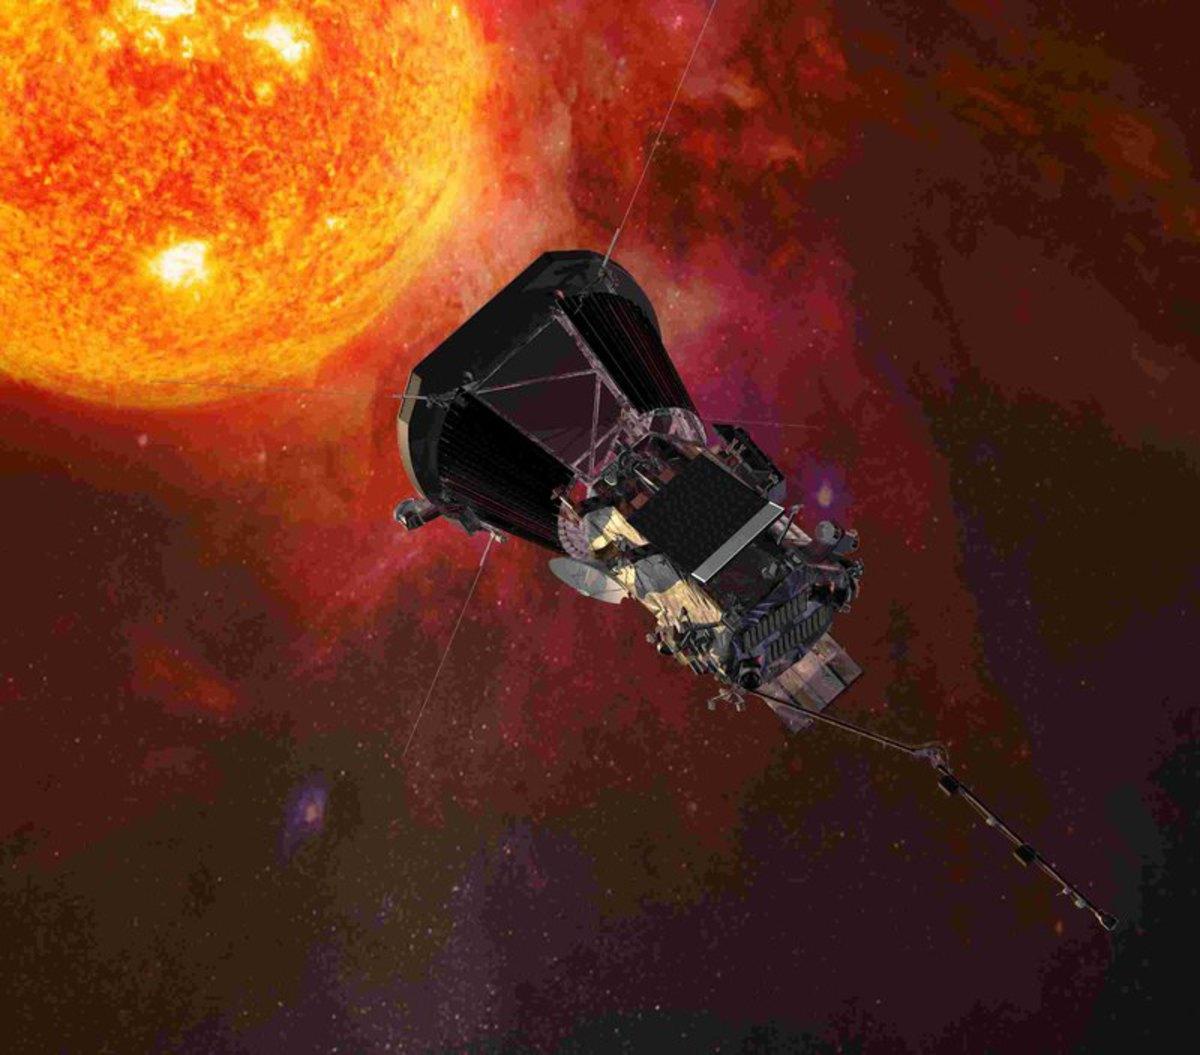 Солнечный зонд «Паркер» через 3 дня сблизится с Солнцем